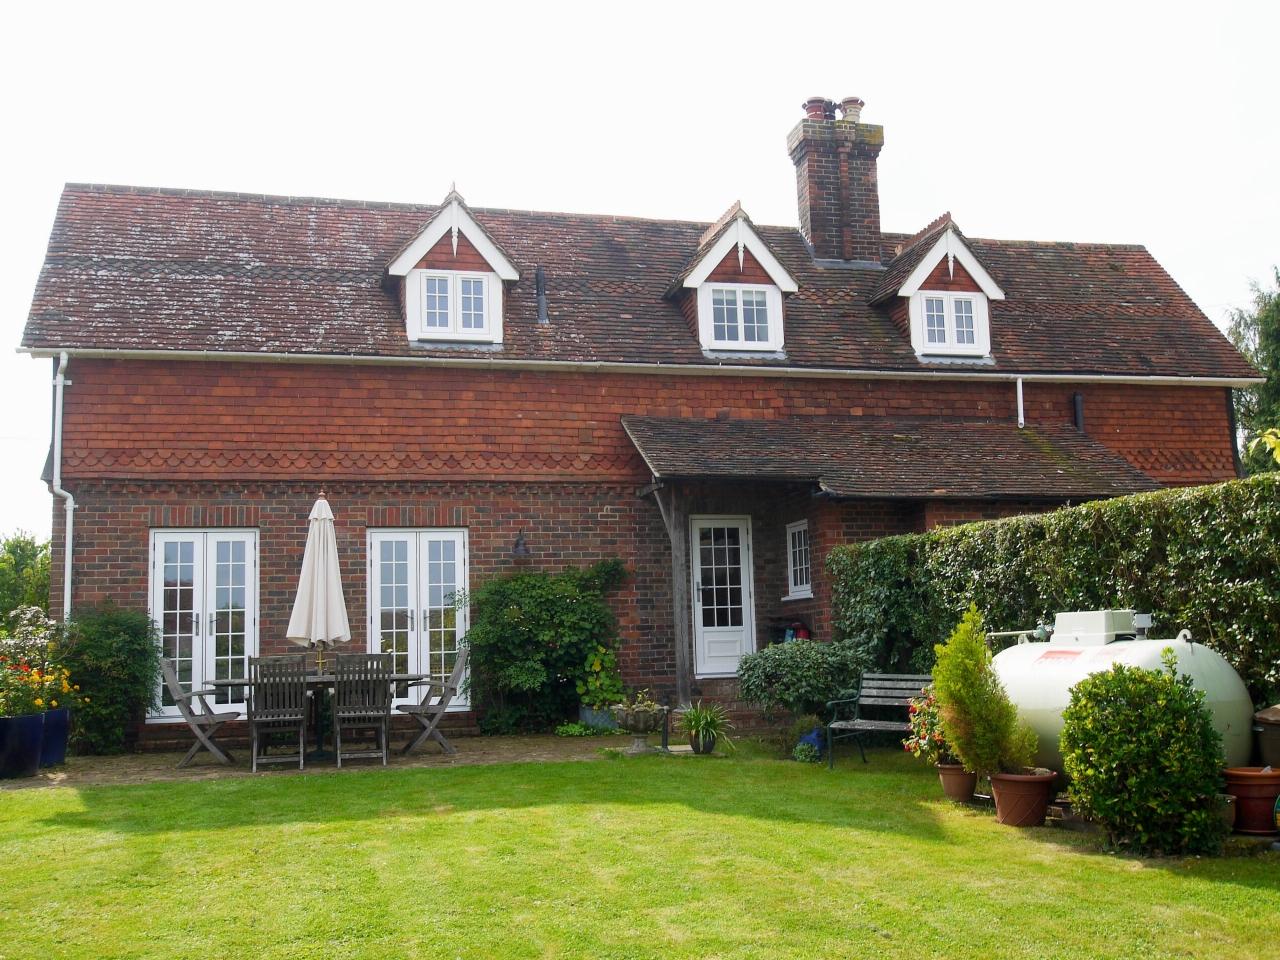 4 bedroom detached house Sold in Tonbridge - Photograph 16